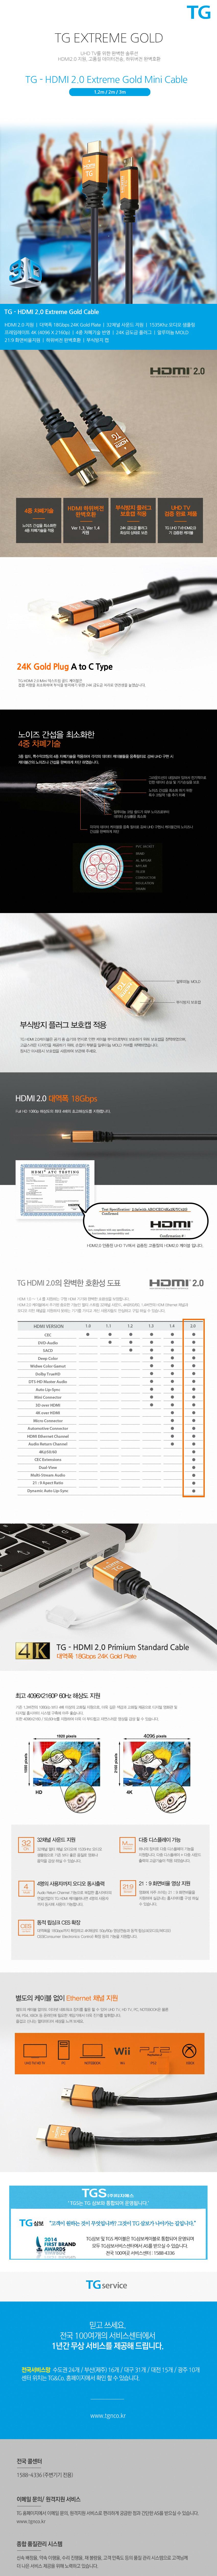 TG삼보 HDMI to Mini HDMI Ver2.0 익스트림 골드 케이블 (3m)